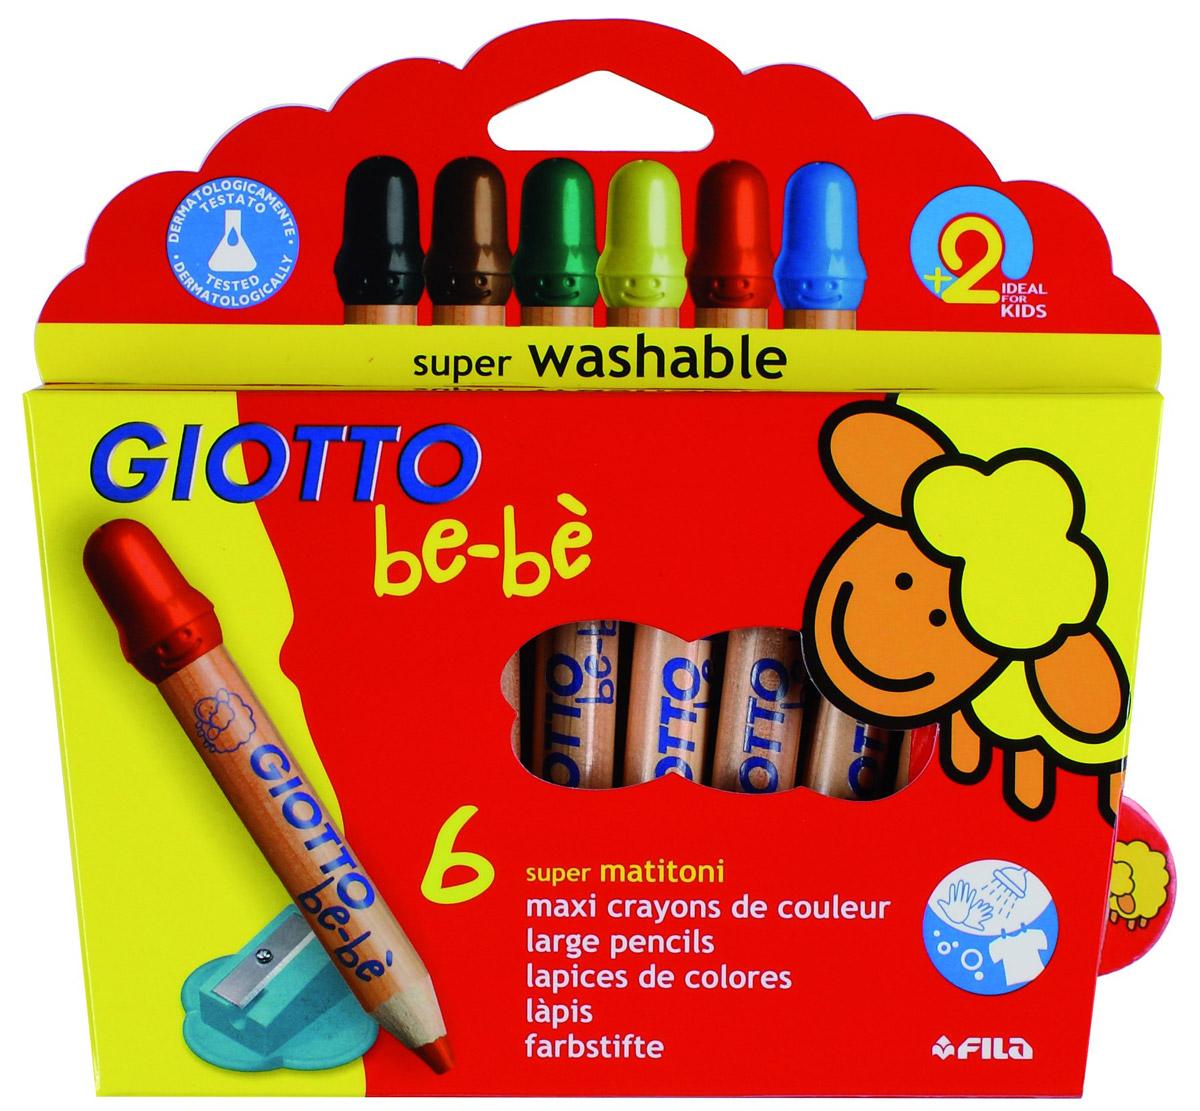 Giotto Набор цветных карандашей Bebe Super Largepencils c точилкой 6 шт466400Цветные карандаши Glotto Bebe Super Largepencils непременно, понравятся вашему юному художнику. Набор включает в себя 6 ярких насыщенных цветных карандаша утолщенной формы. Каждый карандаш имеет защитный колпачок. Идеально подходят для детских садов и школьников младших классов. Карандаши изготовлены из калифорнийского кедра, экологически чистые. Имеют прочный неломающийся грифель, не требующий сильного нажатия и легко затачиваются. Без труда стираются и отстирываются. Порадуйте своего ребенка таким восхитительным подарком! В комплекте: 6 карандашей, точилка. Цветные карандаши Glotto Bebe Super Largepencils непременно, понравятся вашему юному художнику. Набор включает в себя 6 ярких насыщенных цветных карандаша утолщенной формы. Каждый карандаш имеет защитный колпачок. Идеально подходят для детских садов и школьников младших классов. Карандаши изготовлены из калифорнийского кедра, экологически чистые. Имеют прочный неломающийся грифель, не требующий сильного...